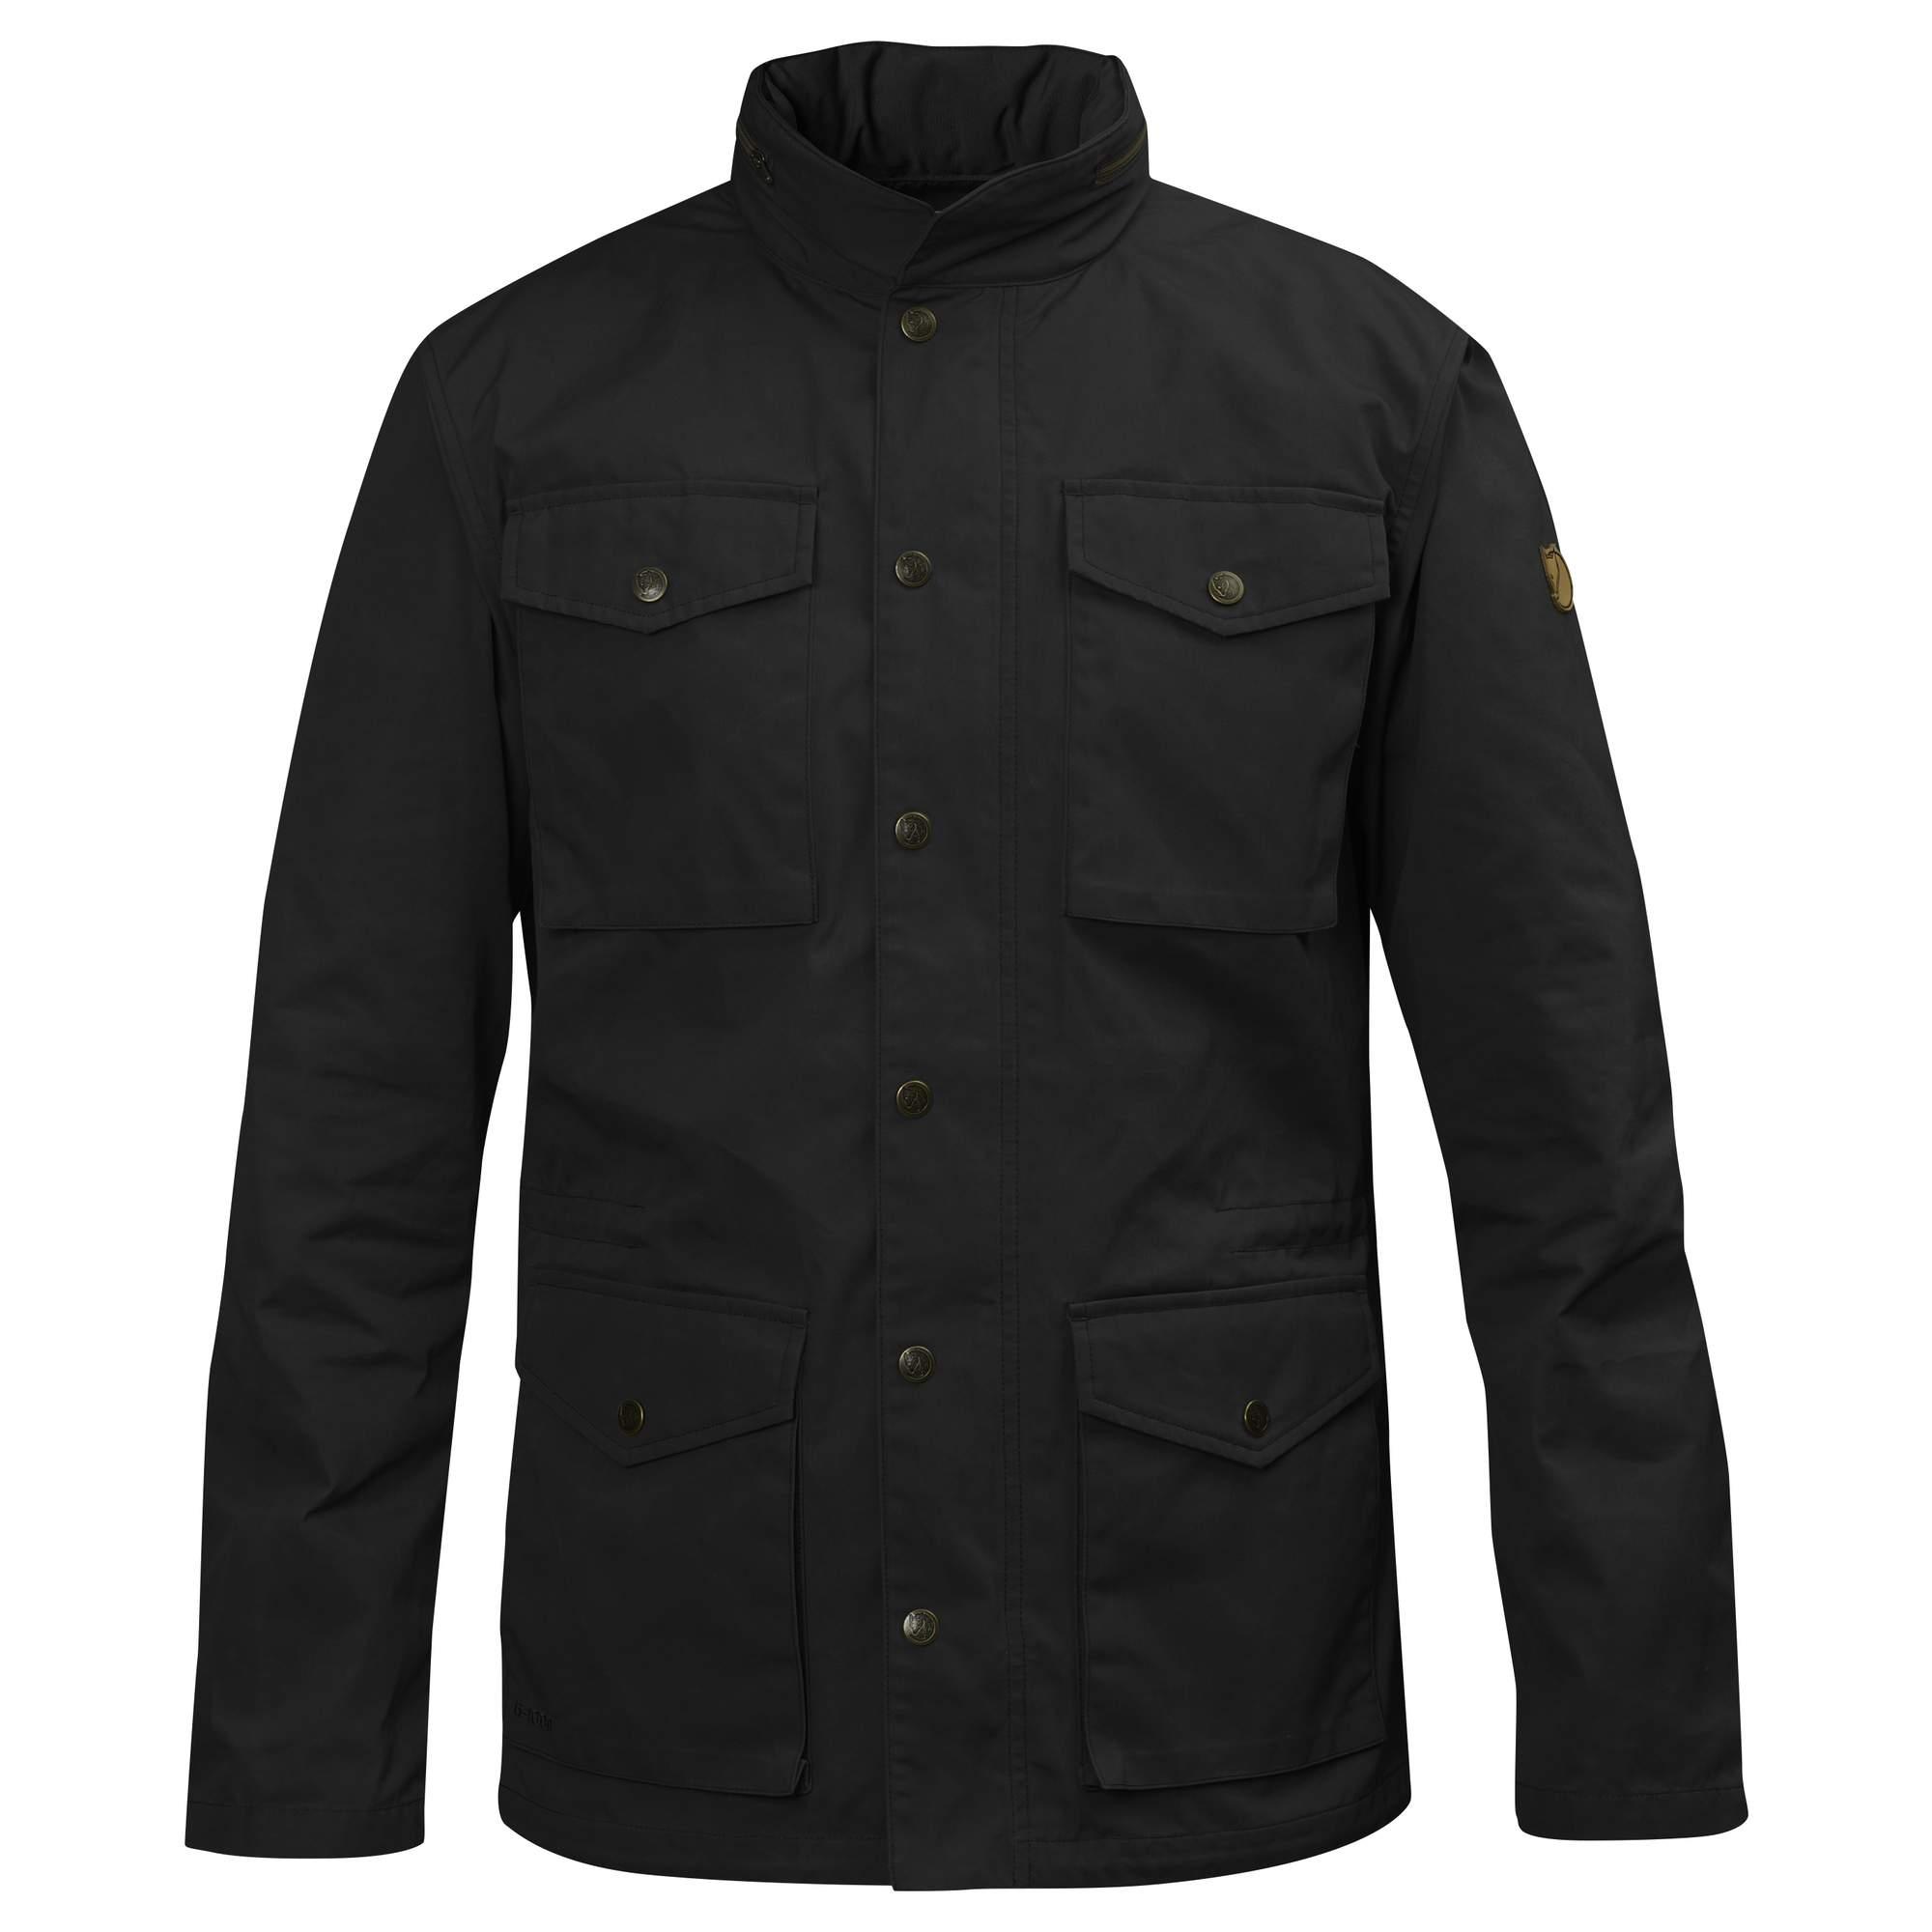 Fjällräven Räven Jacket Männer Gr. S - Übergangsjacke - schwarz 82422 550